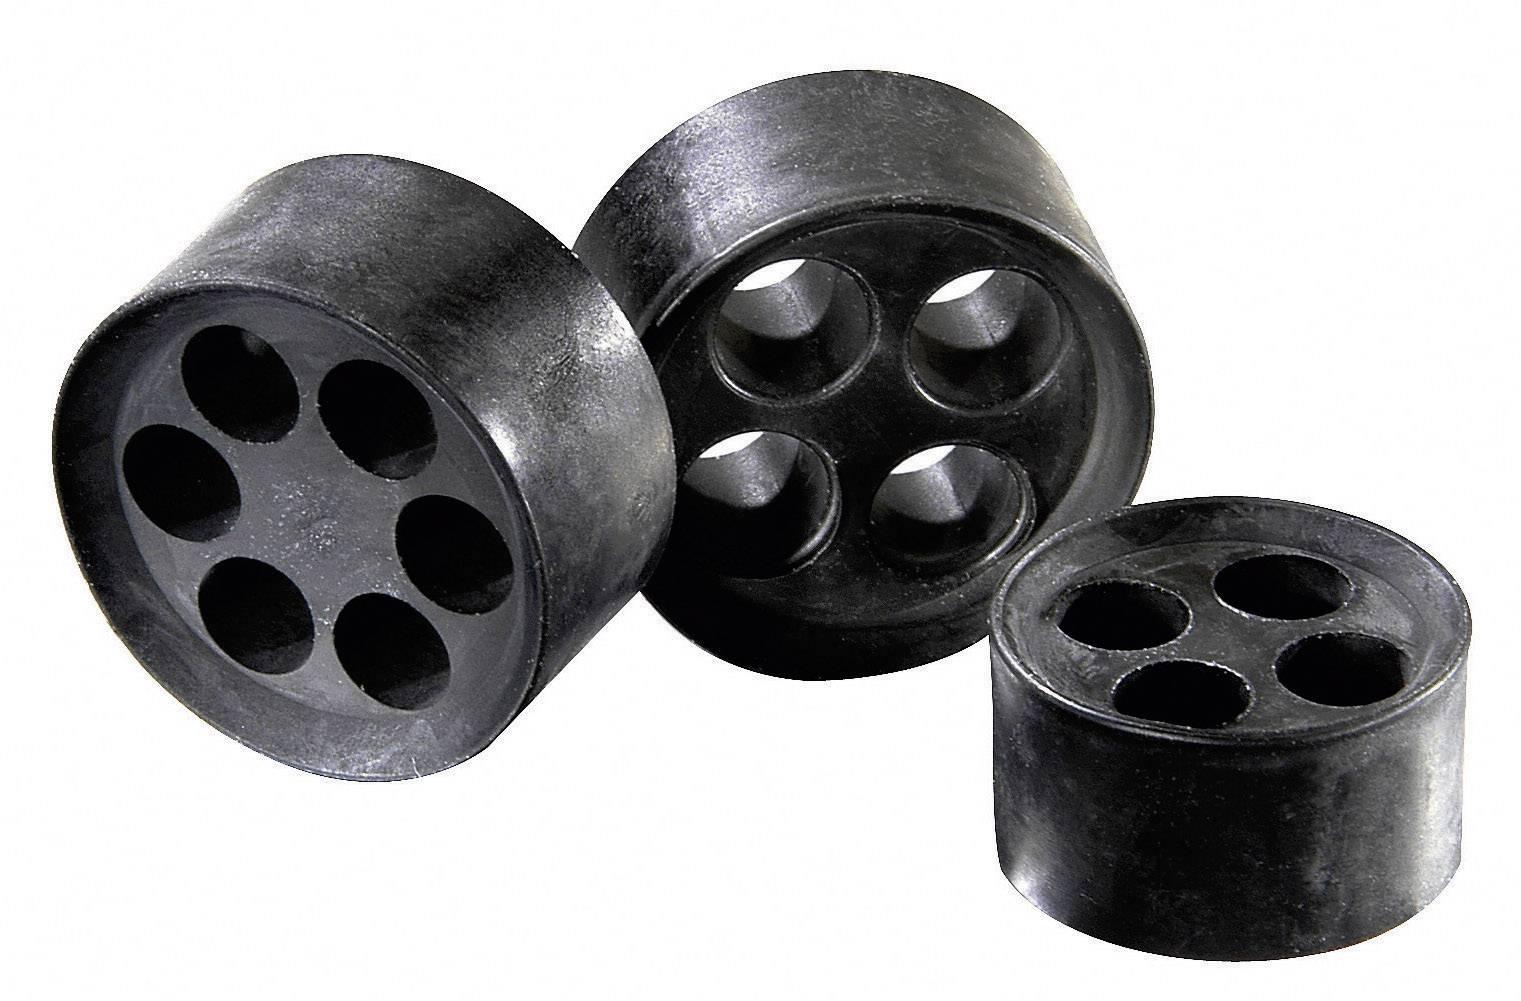 Těsnicí vložka M32 Wiska MFD 32/04/070 (10064344), IP66, M32, elastomer, černá